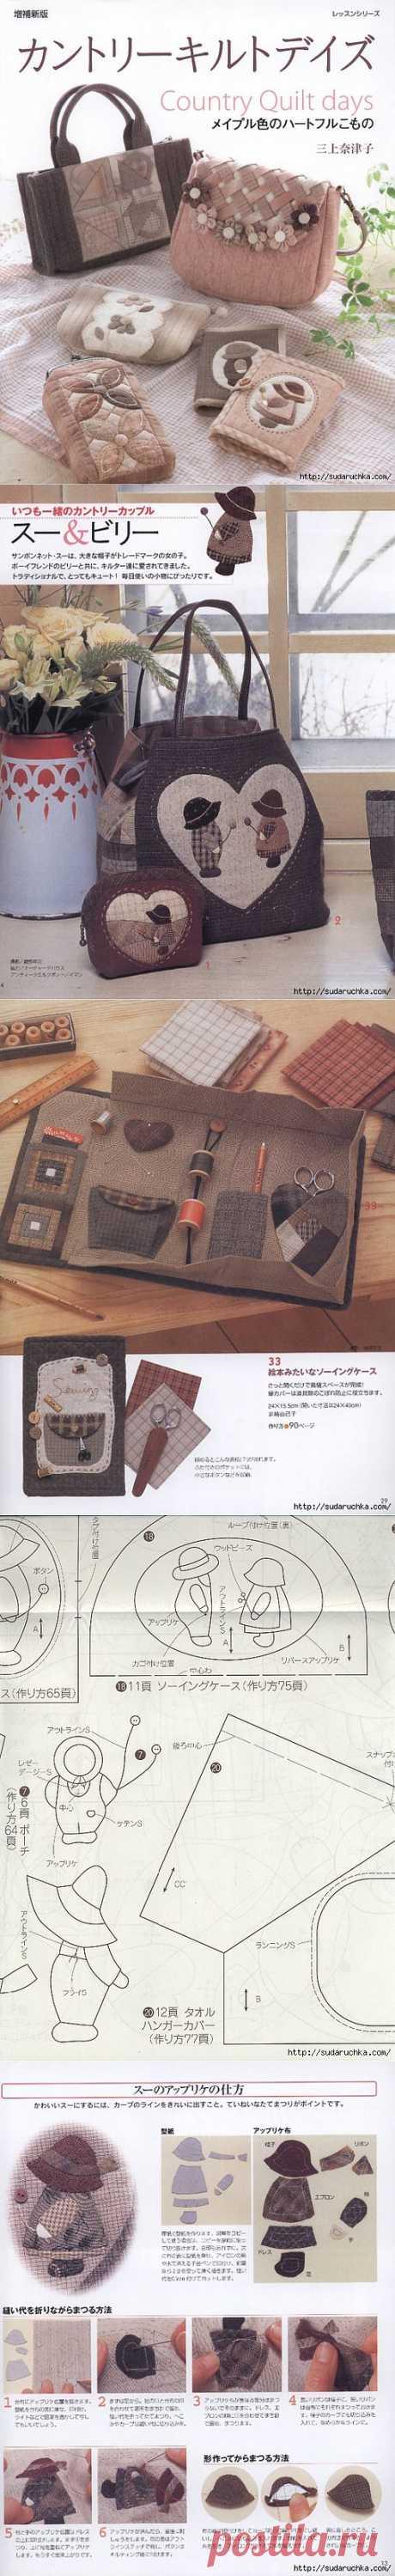 """""""Country Quilt days"""". Японская книга по пэчворку.."""